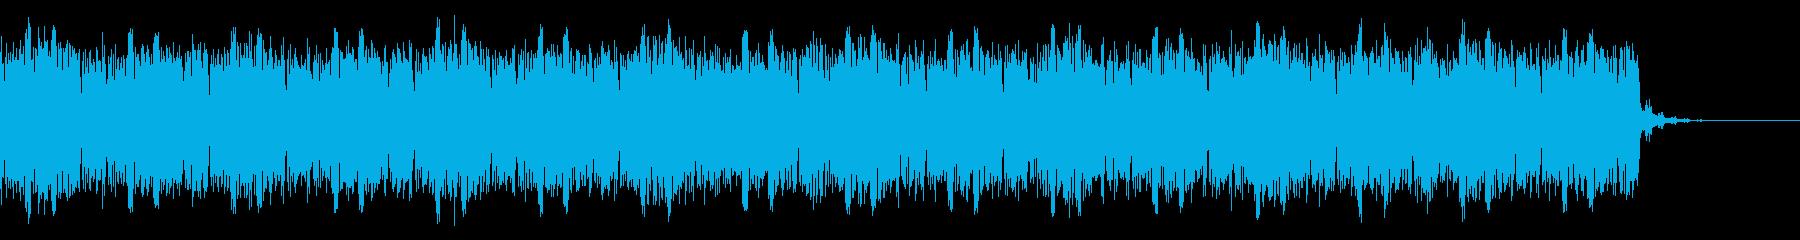 デジタル、CG、SFX等の映像ショート①の再生済みの波形